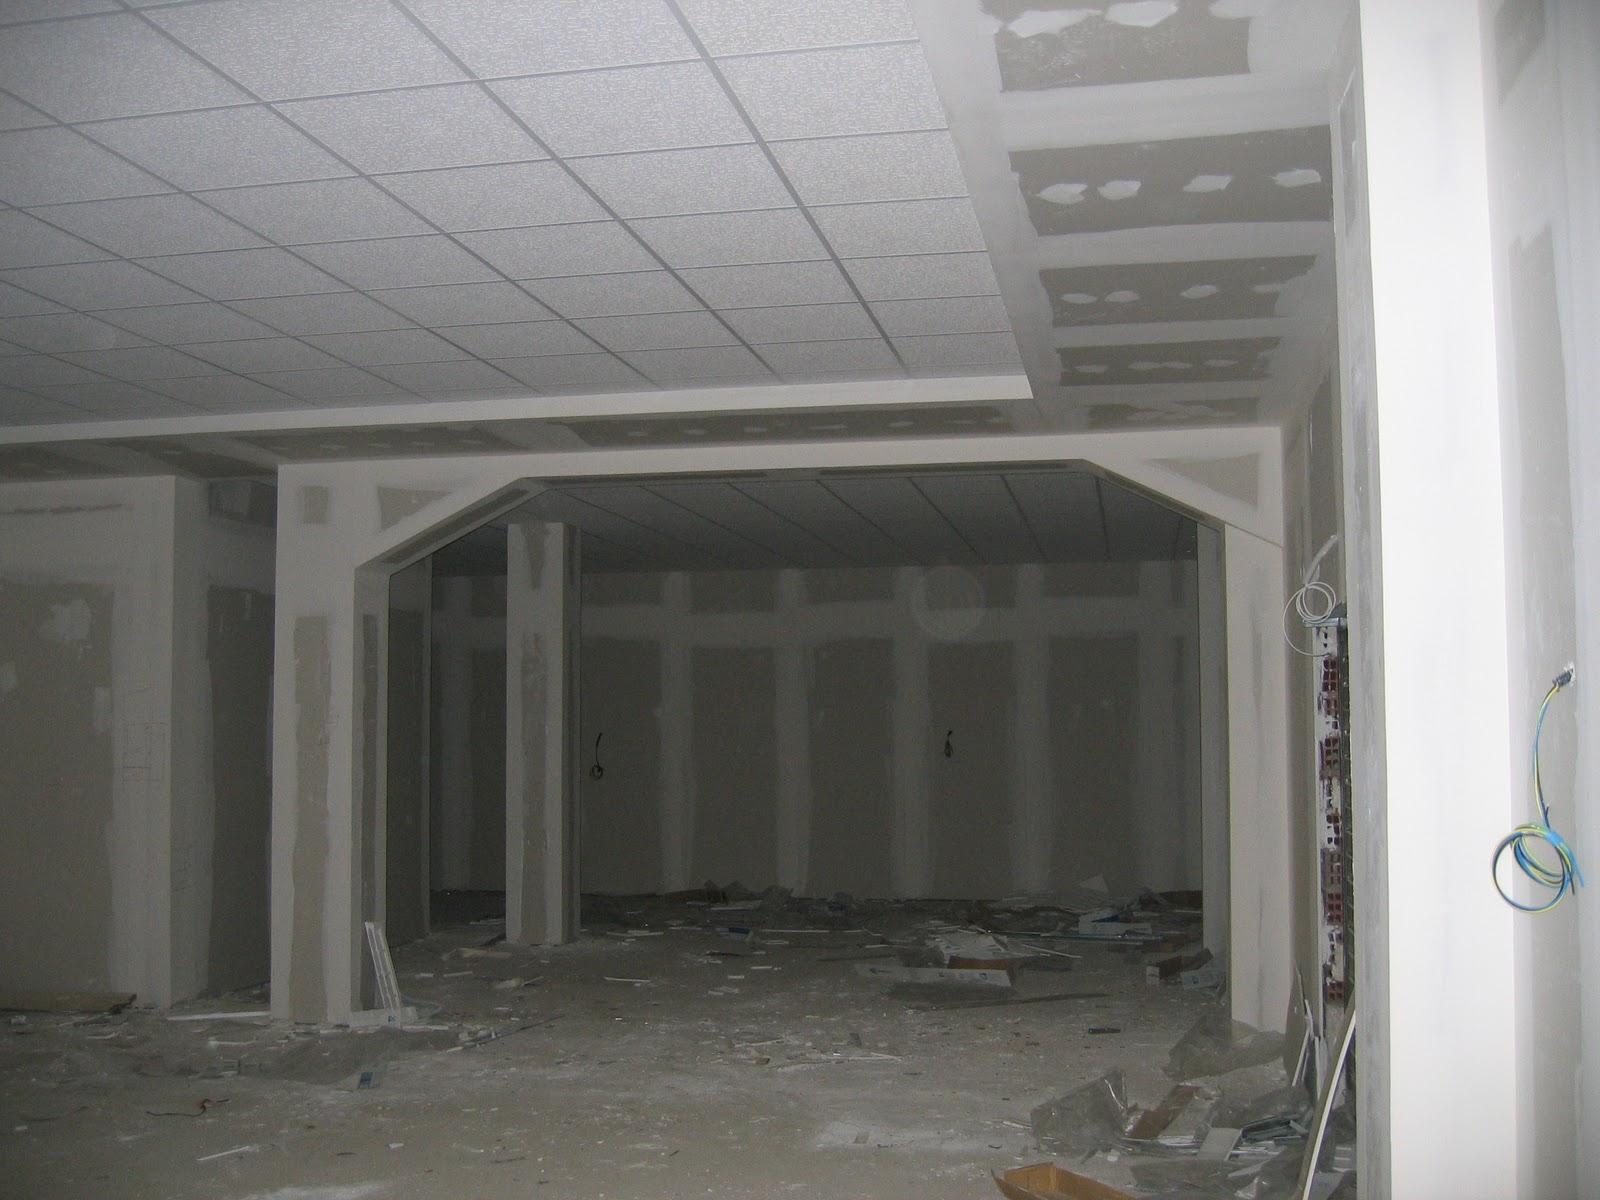 Incopac 90 falsos techos desmontables y continuos - Placas de techo desmontable ...